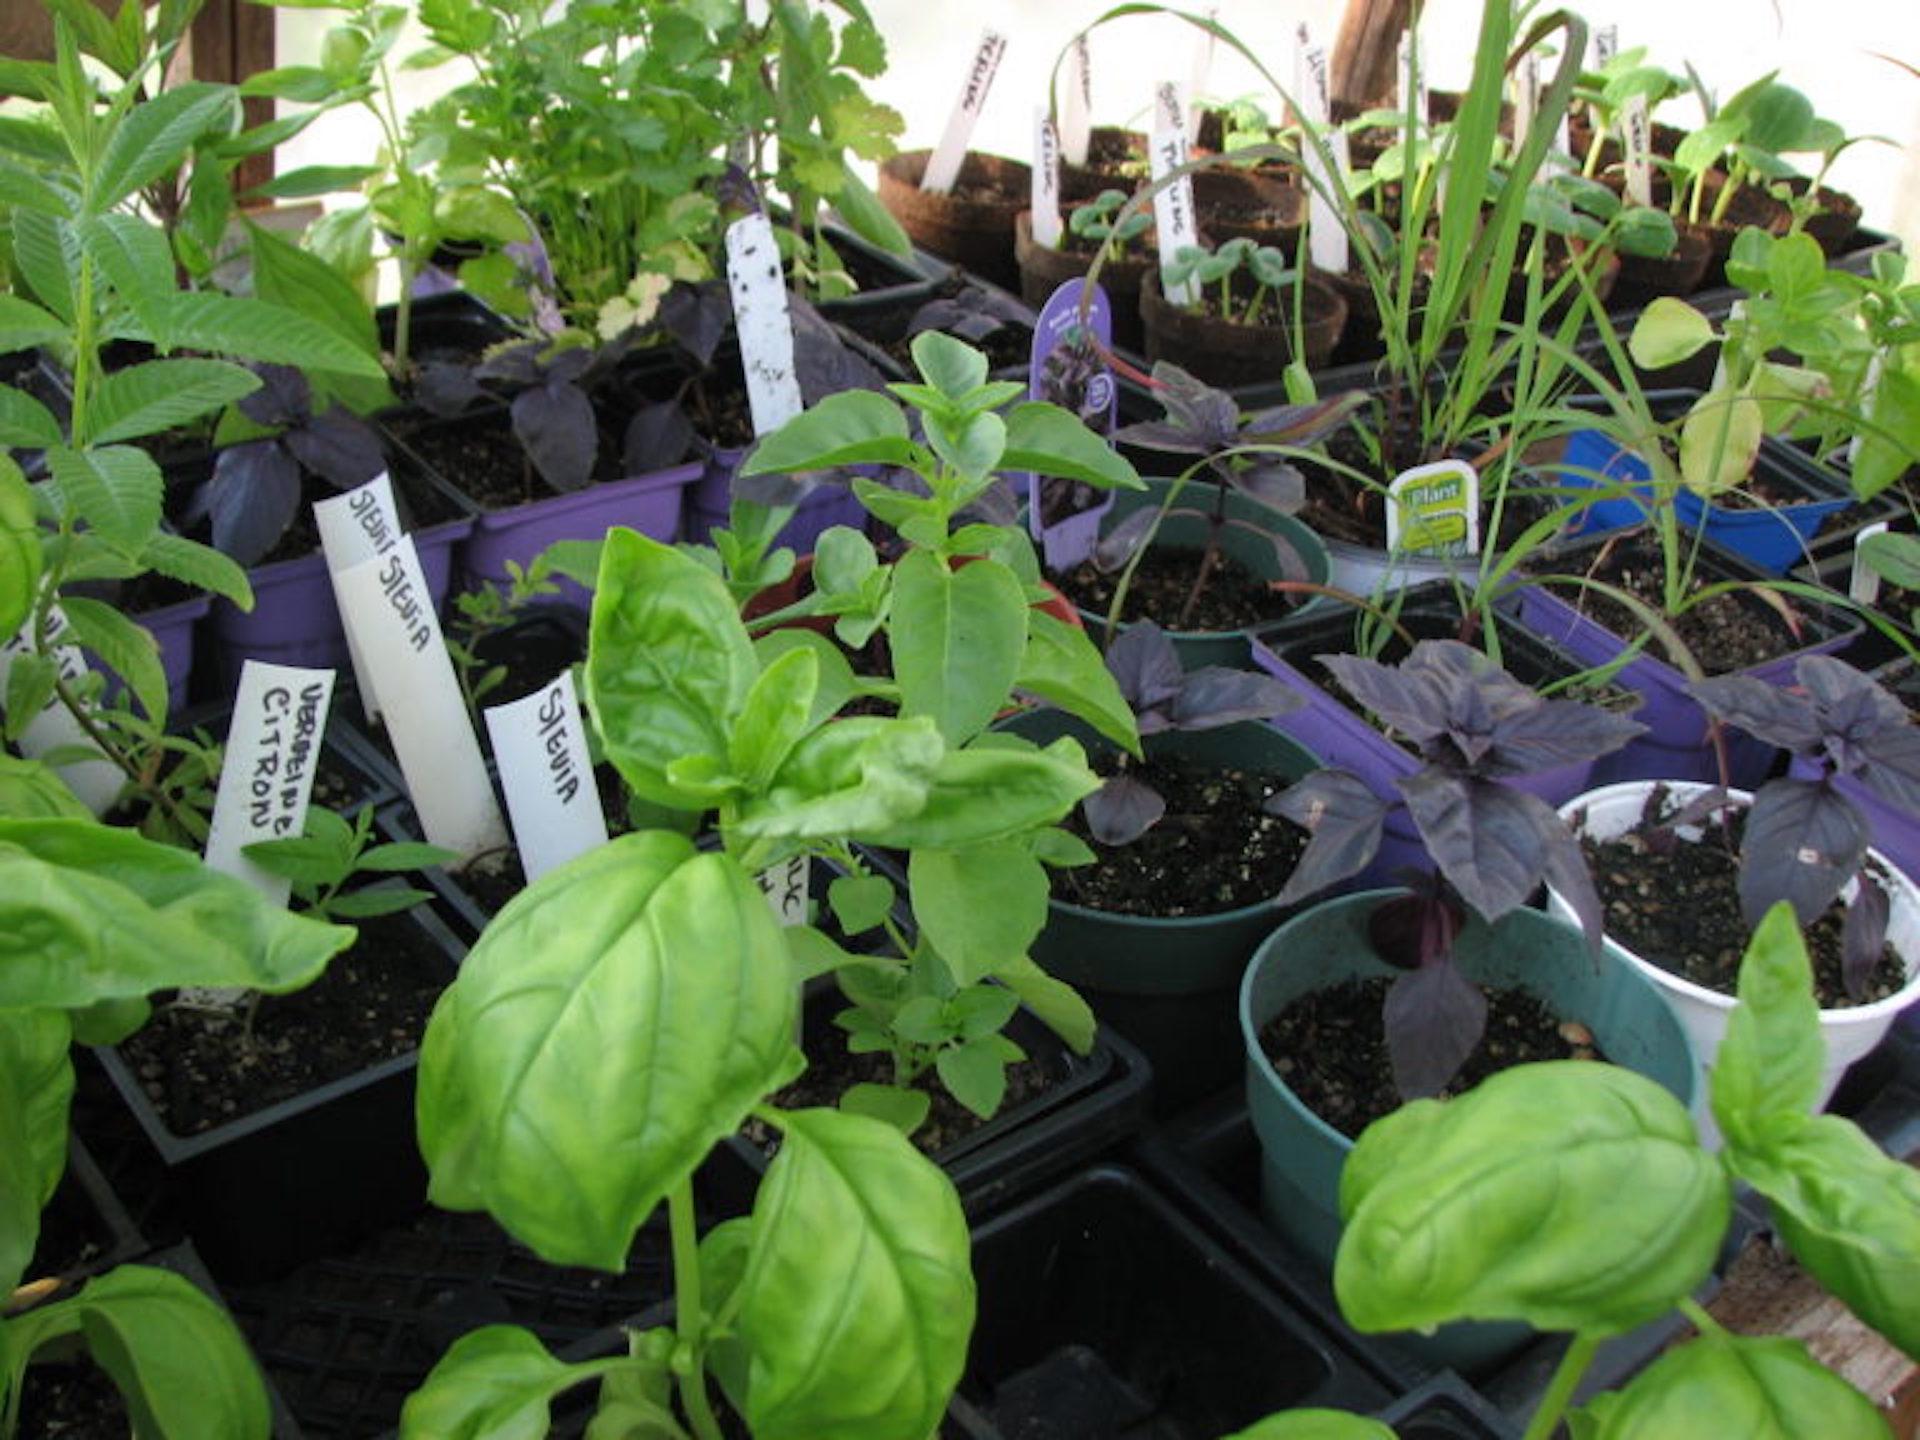 Semis de fines herbes avec étiquettes blanches